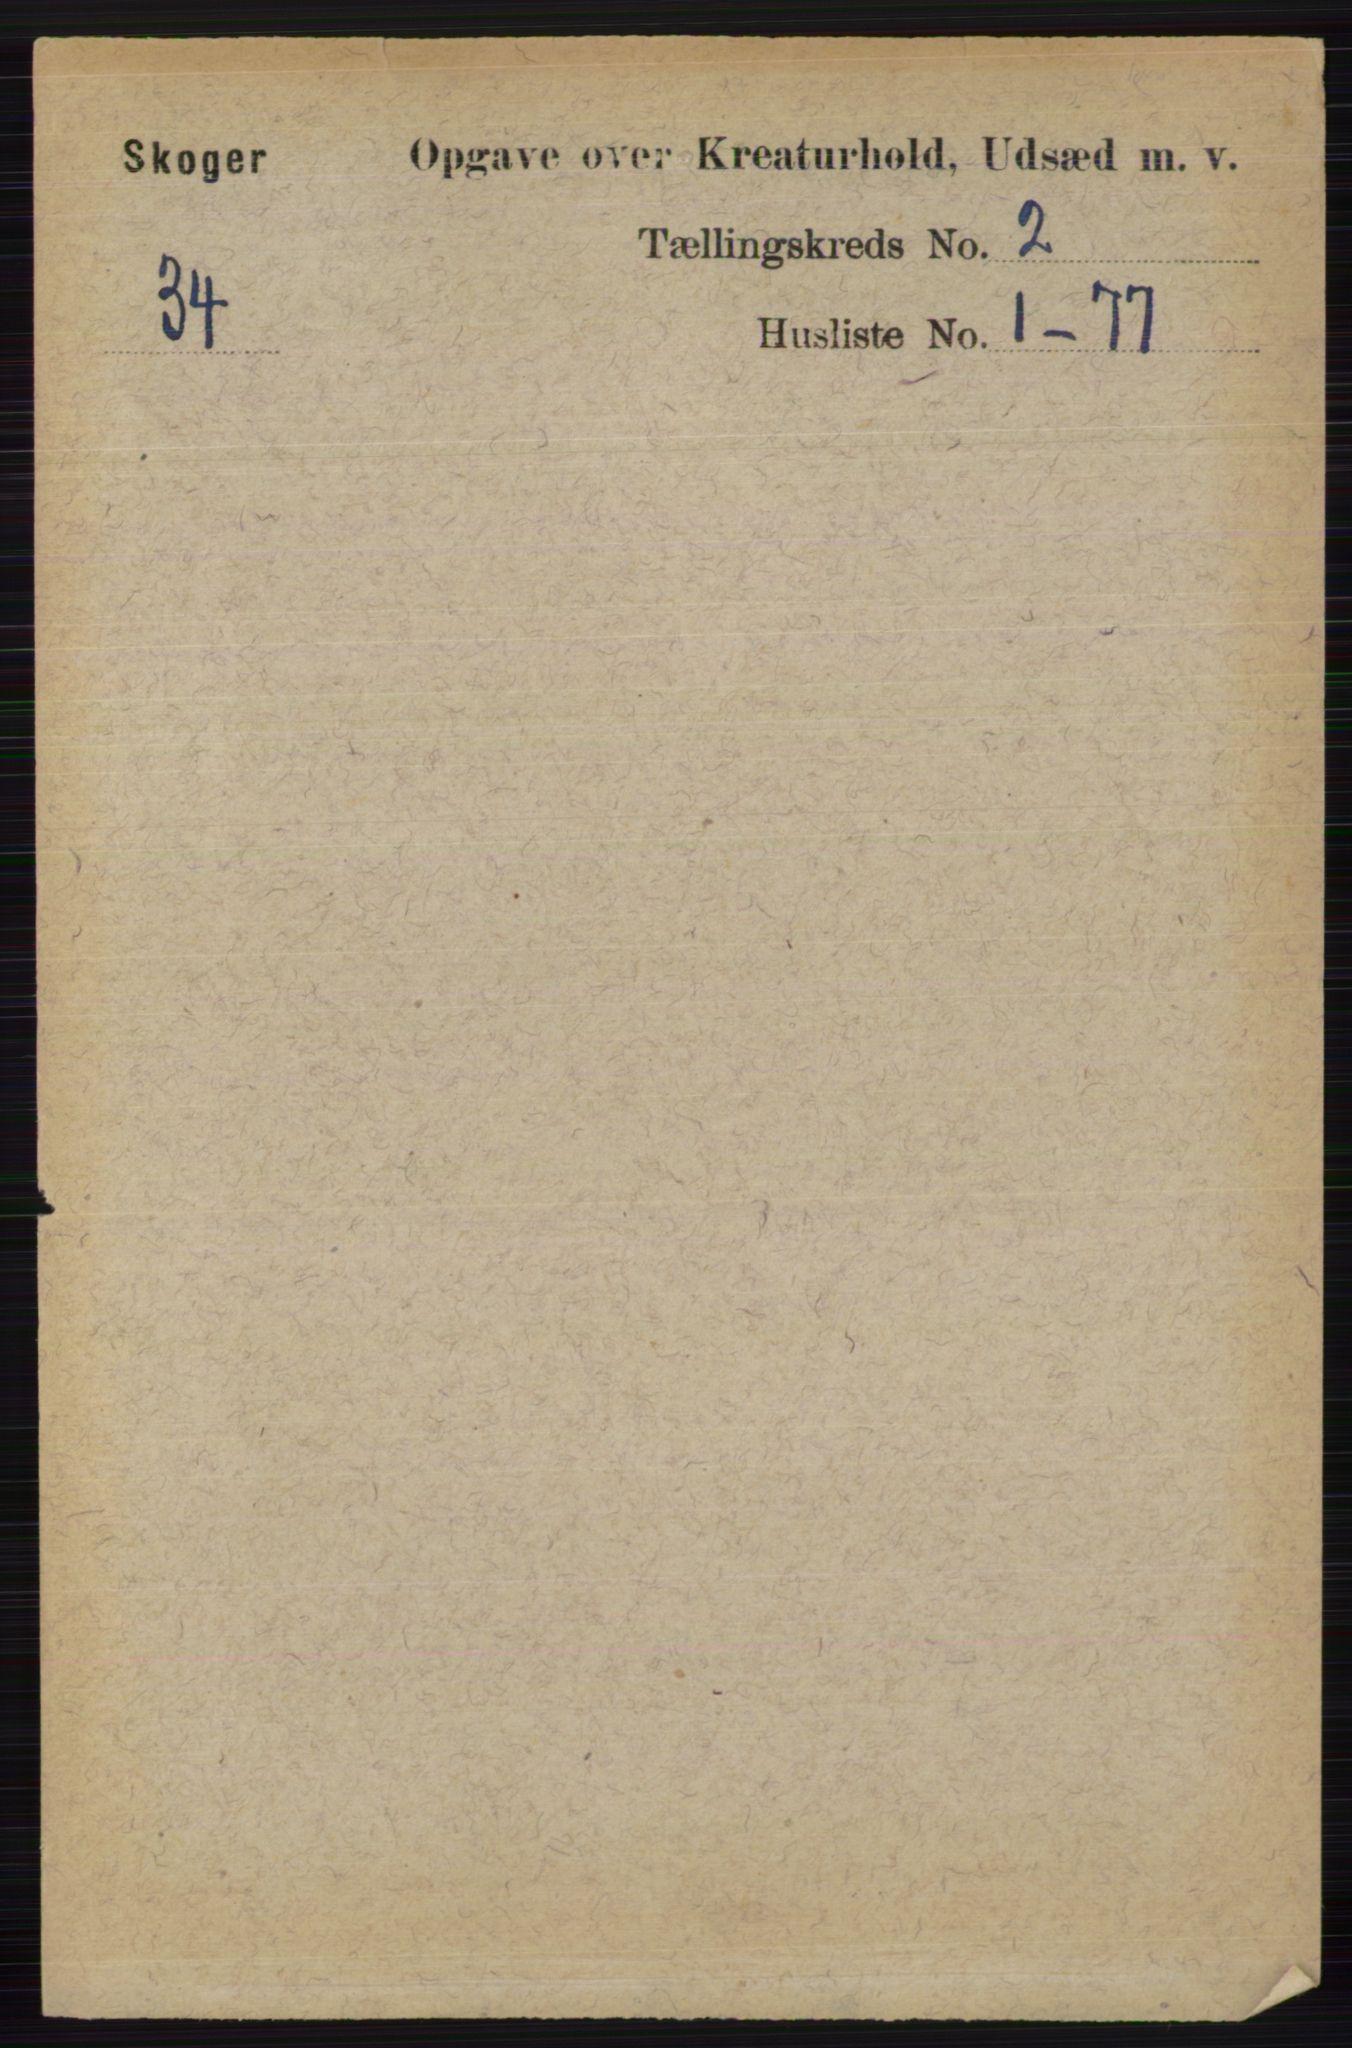 RA, Folketelling 1891 for 0712 Skoger herred, 1891, s. 4465